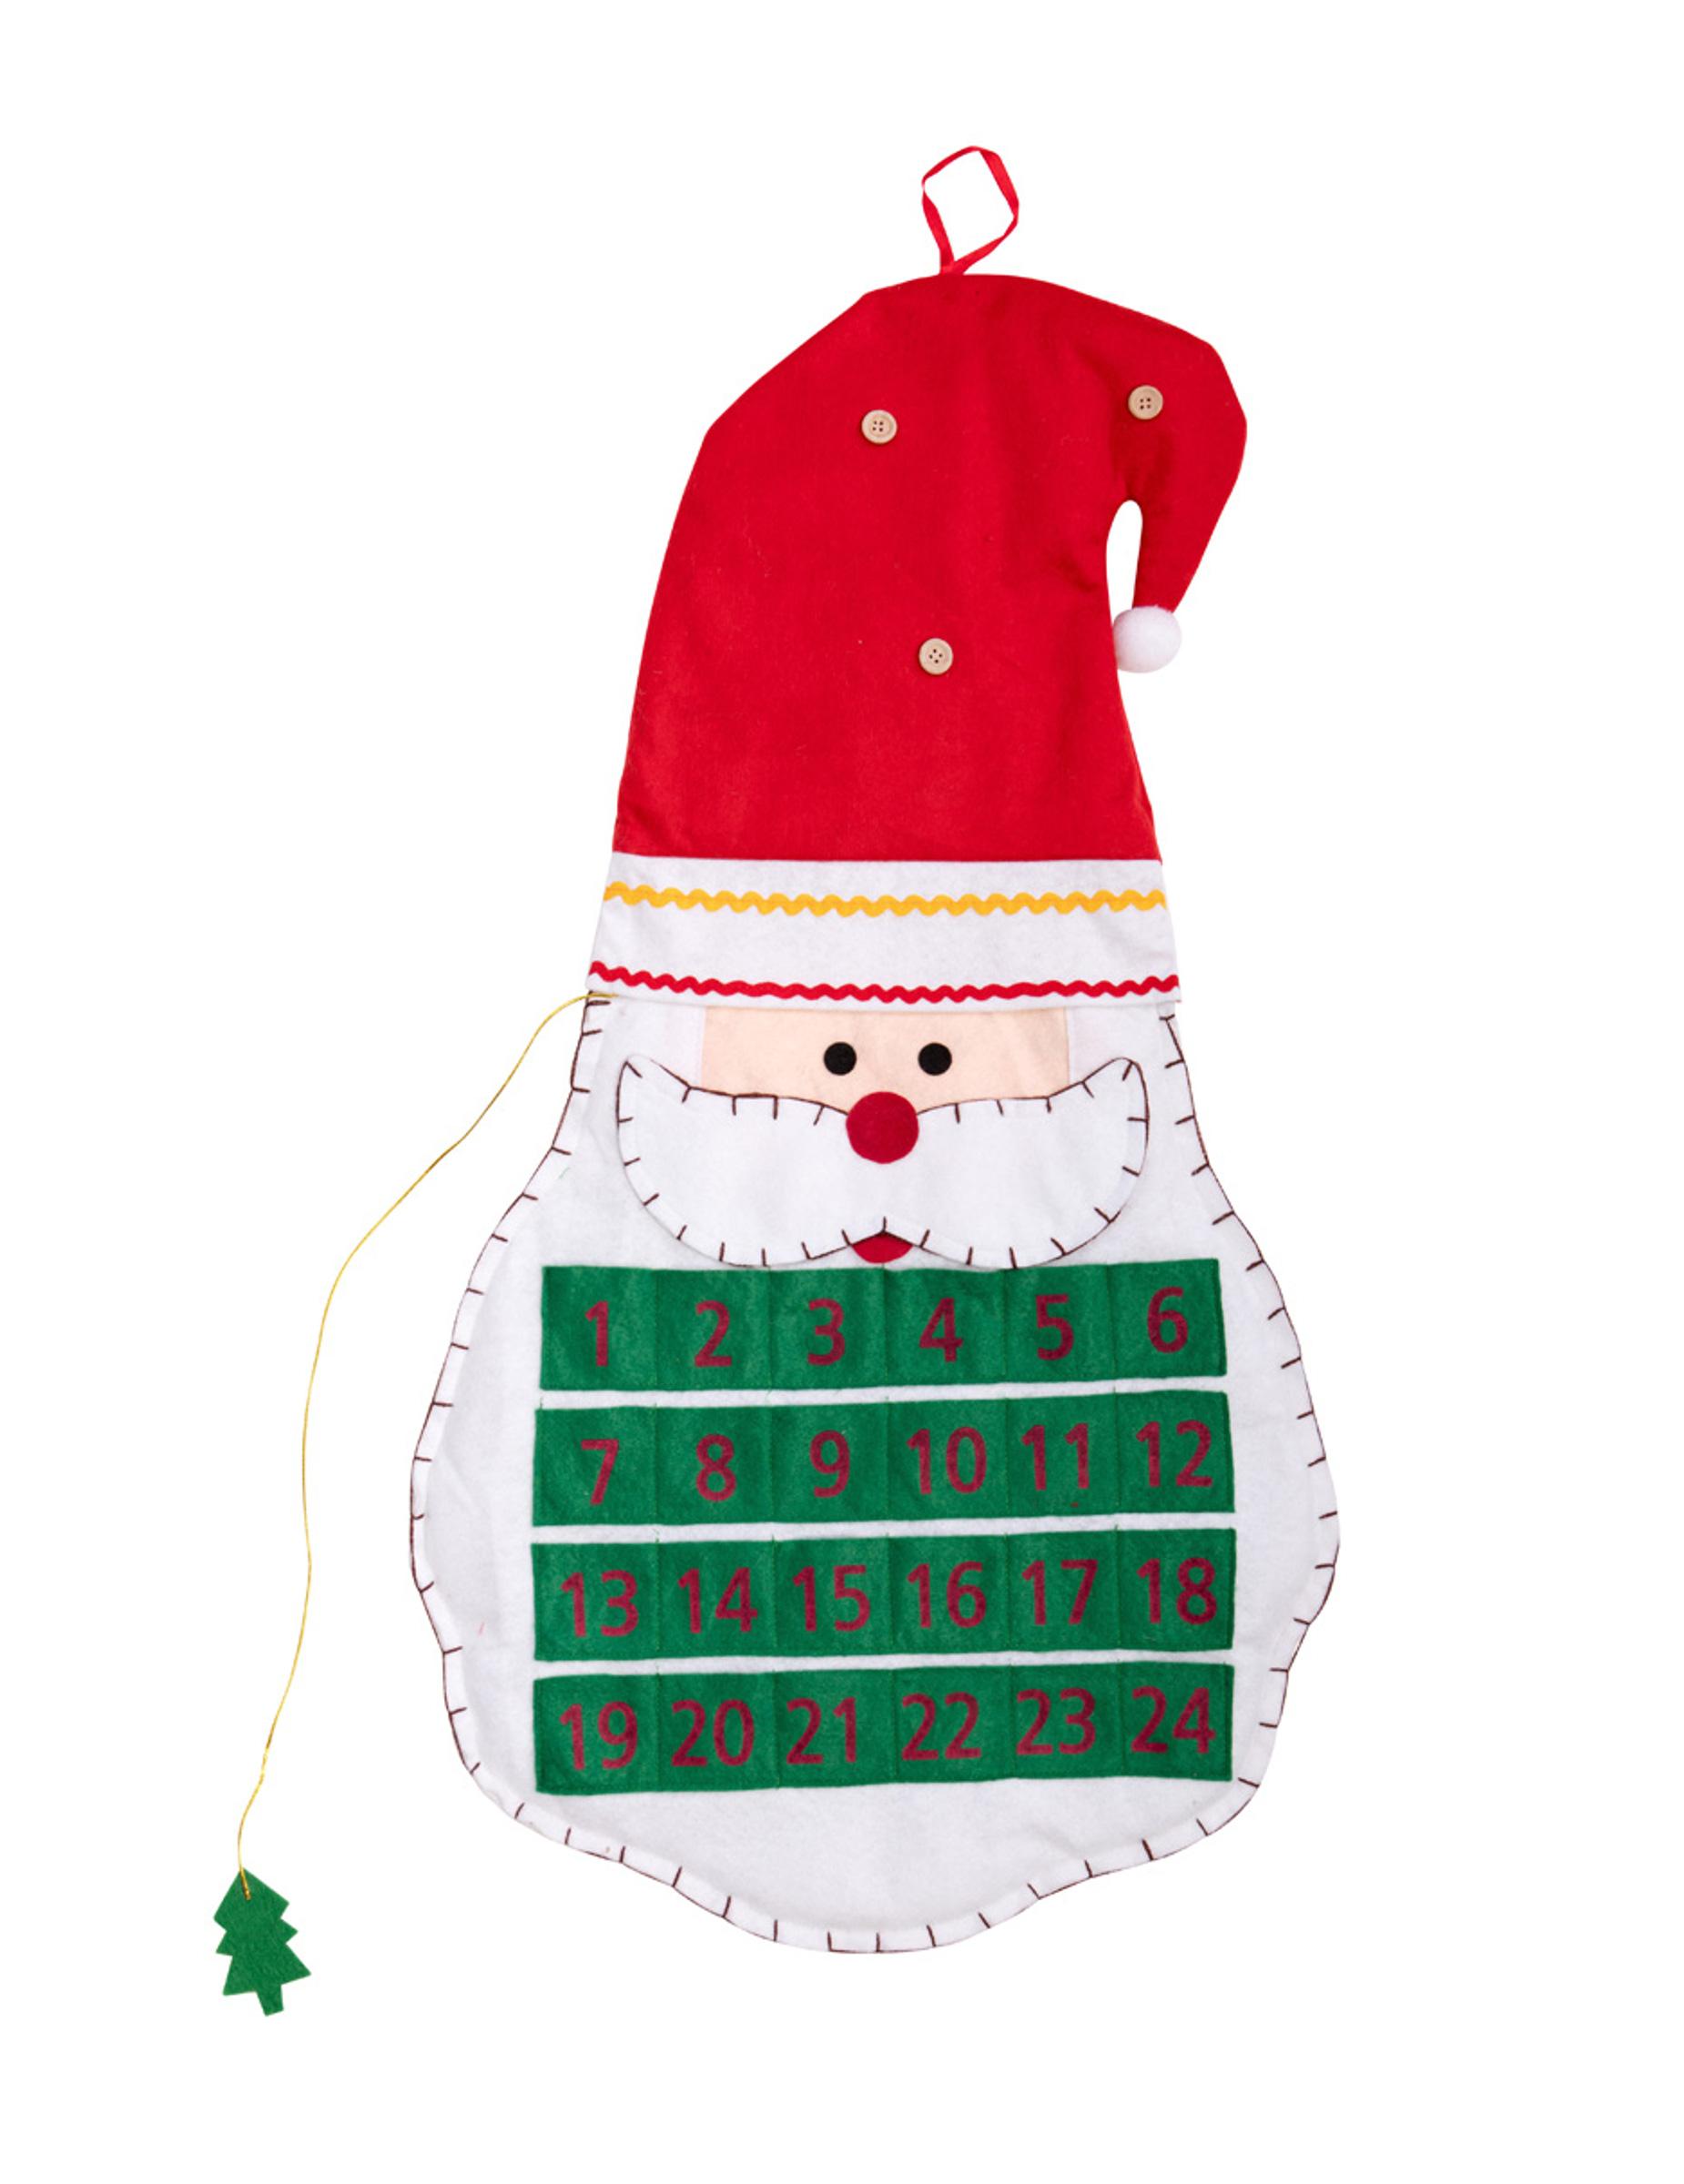 Calendario Dellavvento In Feltro.Calendario Dell Avvento In Feltro 70 Cm Natale